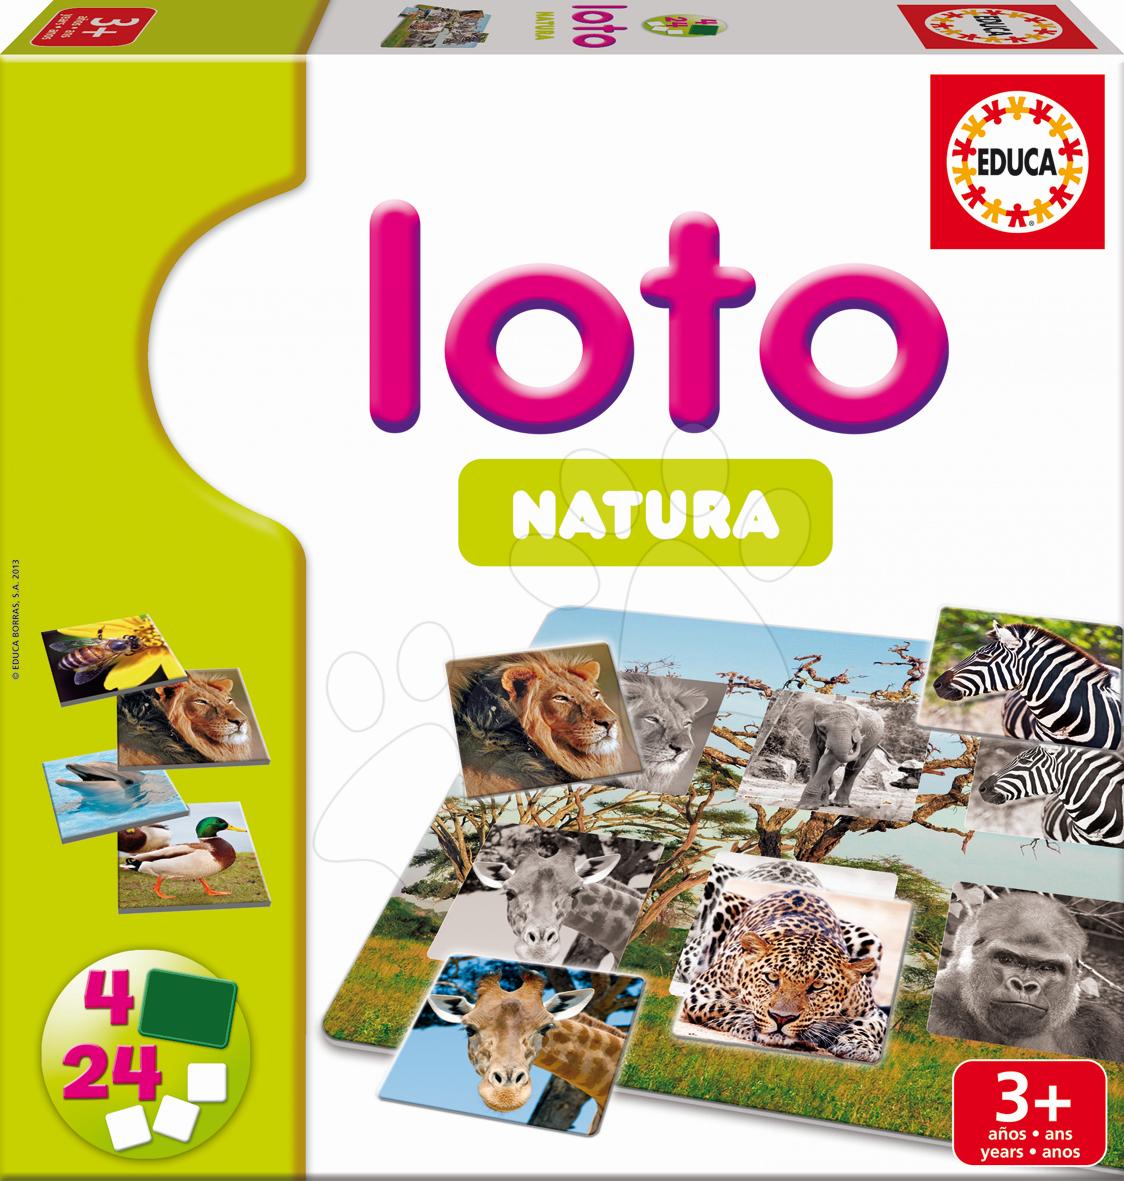 Domino a Lotto - Hra Loto Natura Safari Educa 24 dielov